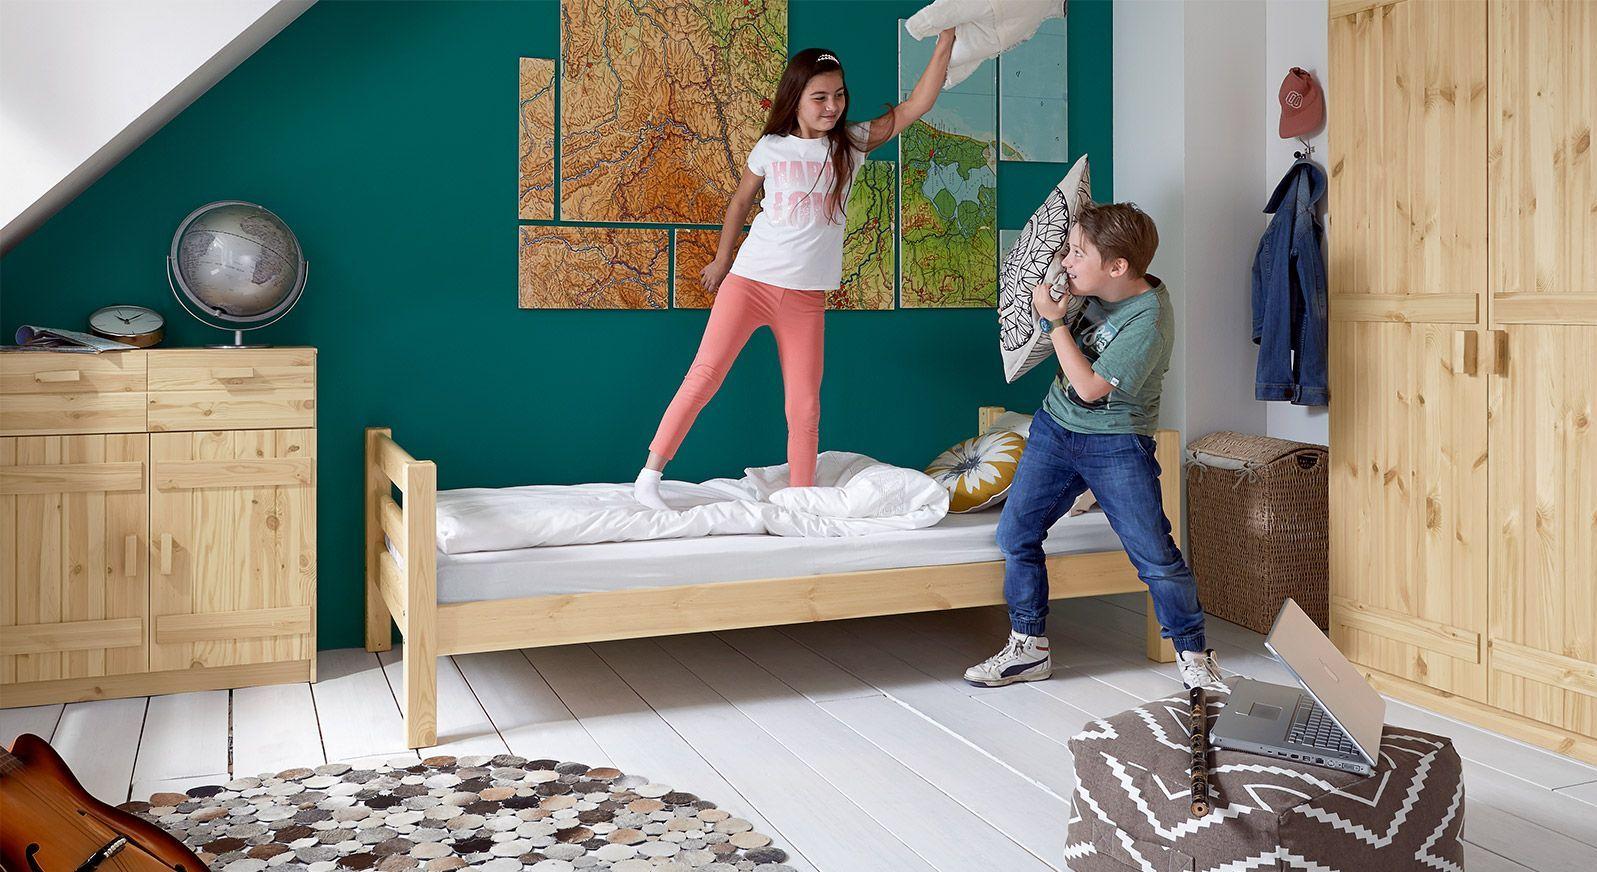 Massivholz-Kinderbett Kids Paradise Basic in Natur lackierter Variante 01